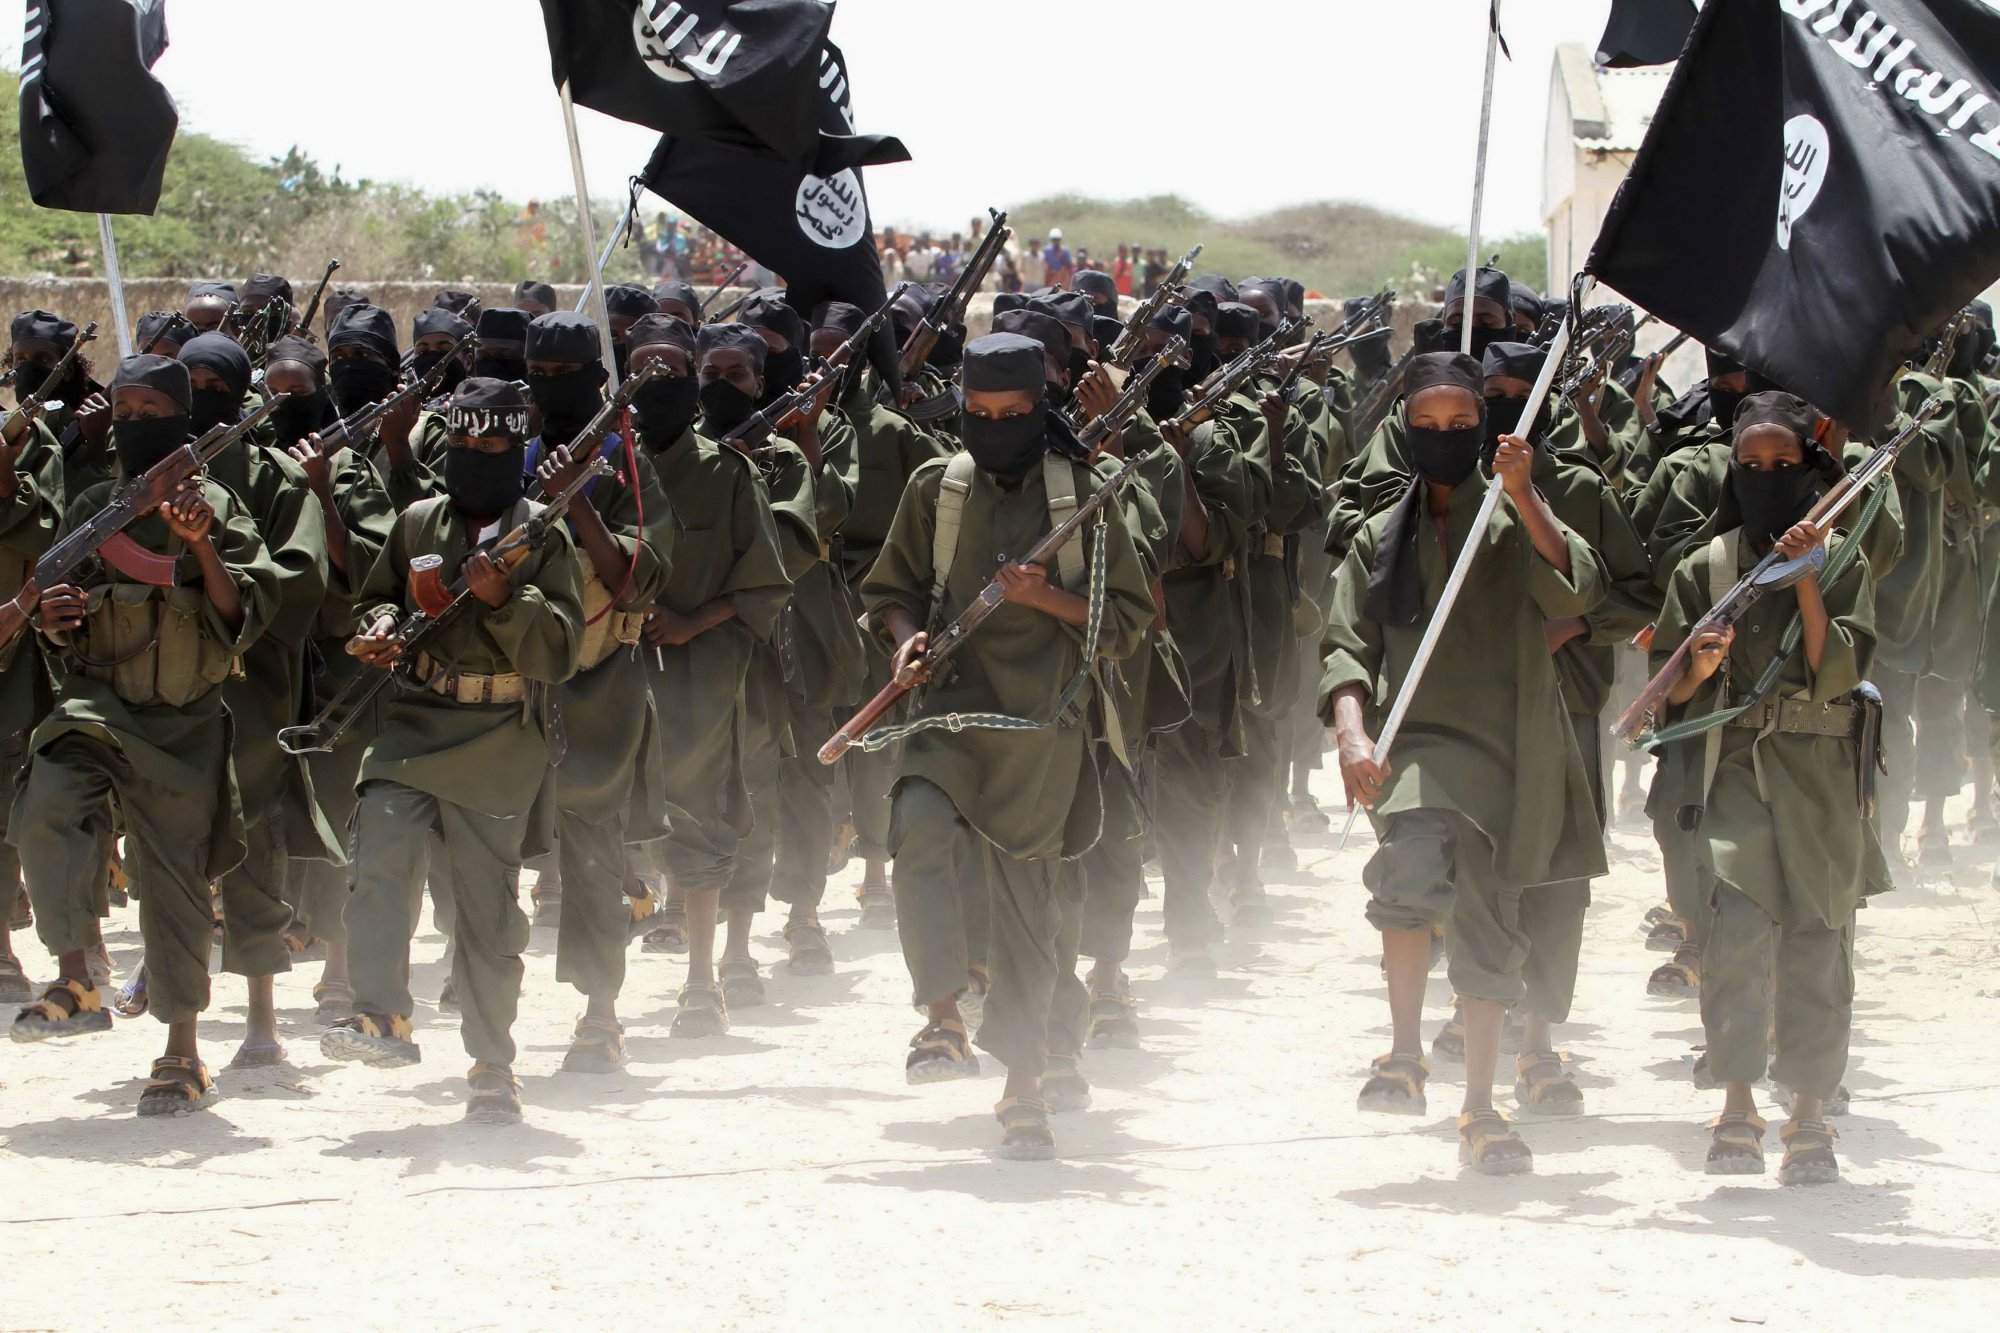 Боевики ИГИЛ окапываются, готовясь к наземным боям за осыпаемый авиабомбами город